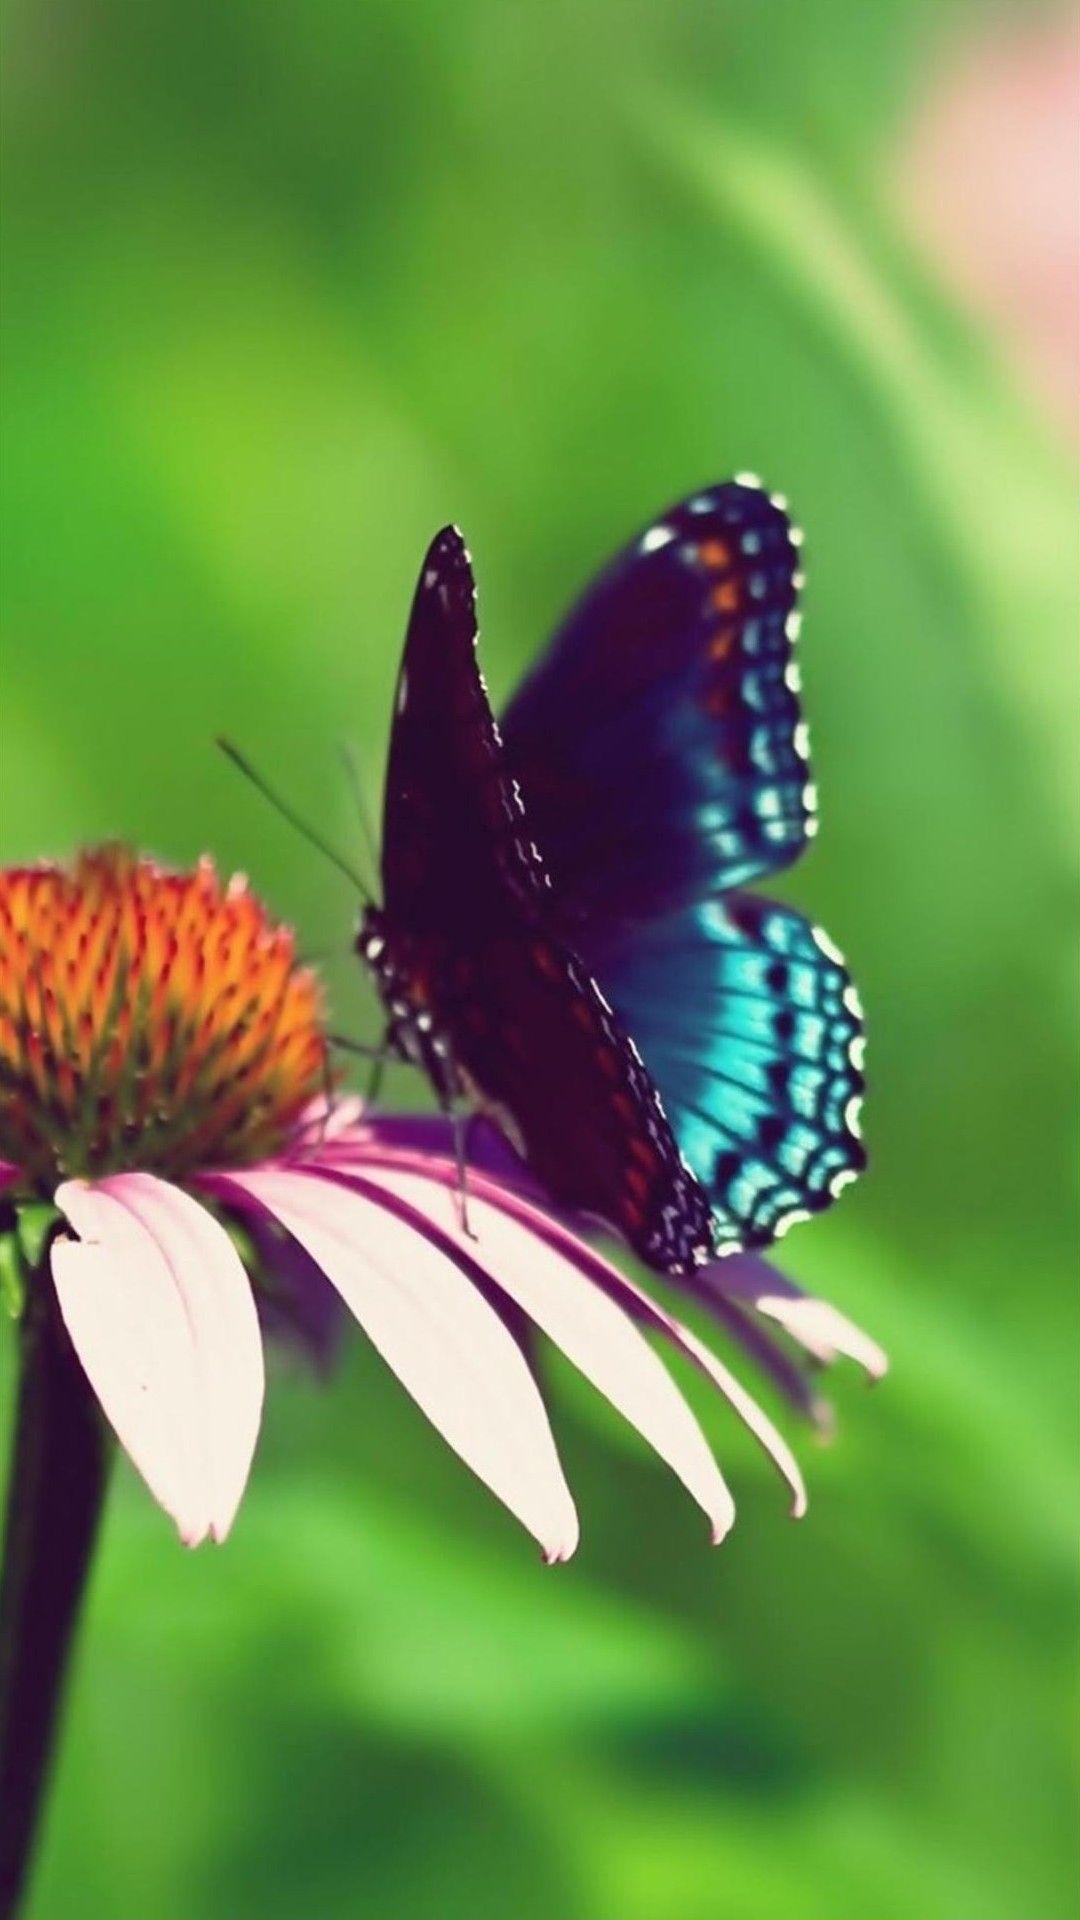 Hình nền con bướm 1080x1920 cho Android - Hoa mùa hè có bướm - Hình nền 1080x1920 - teahub.io